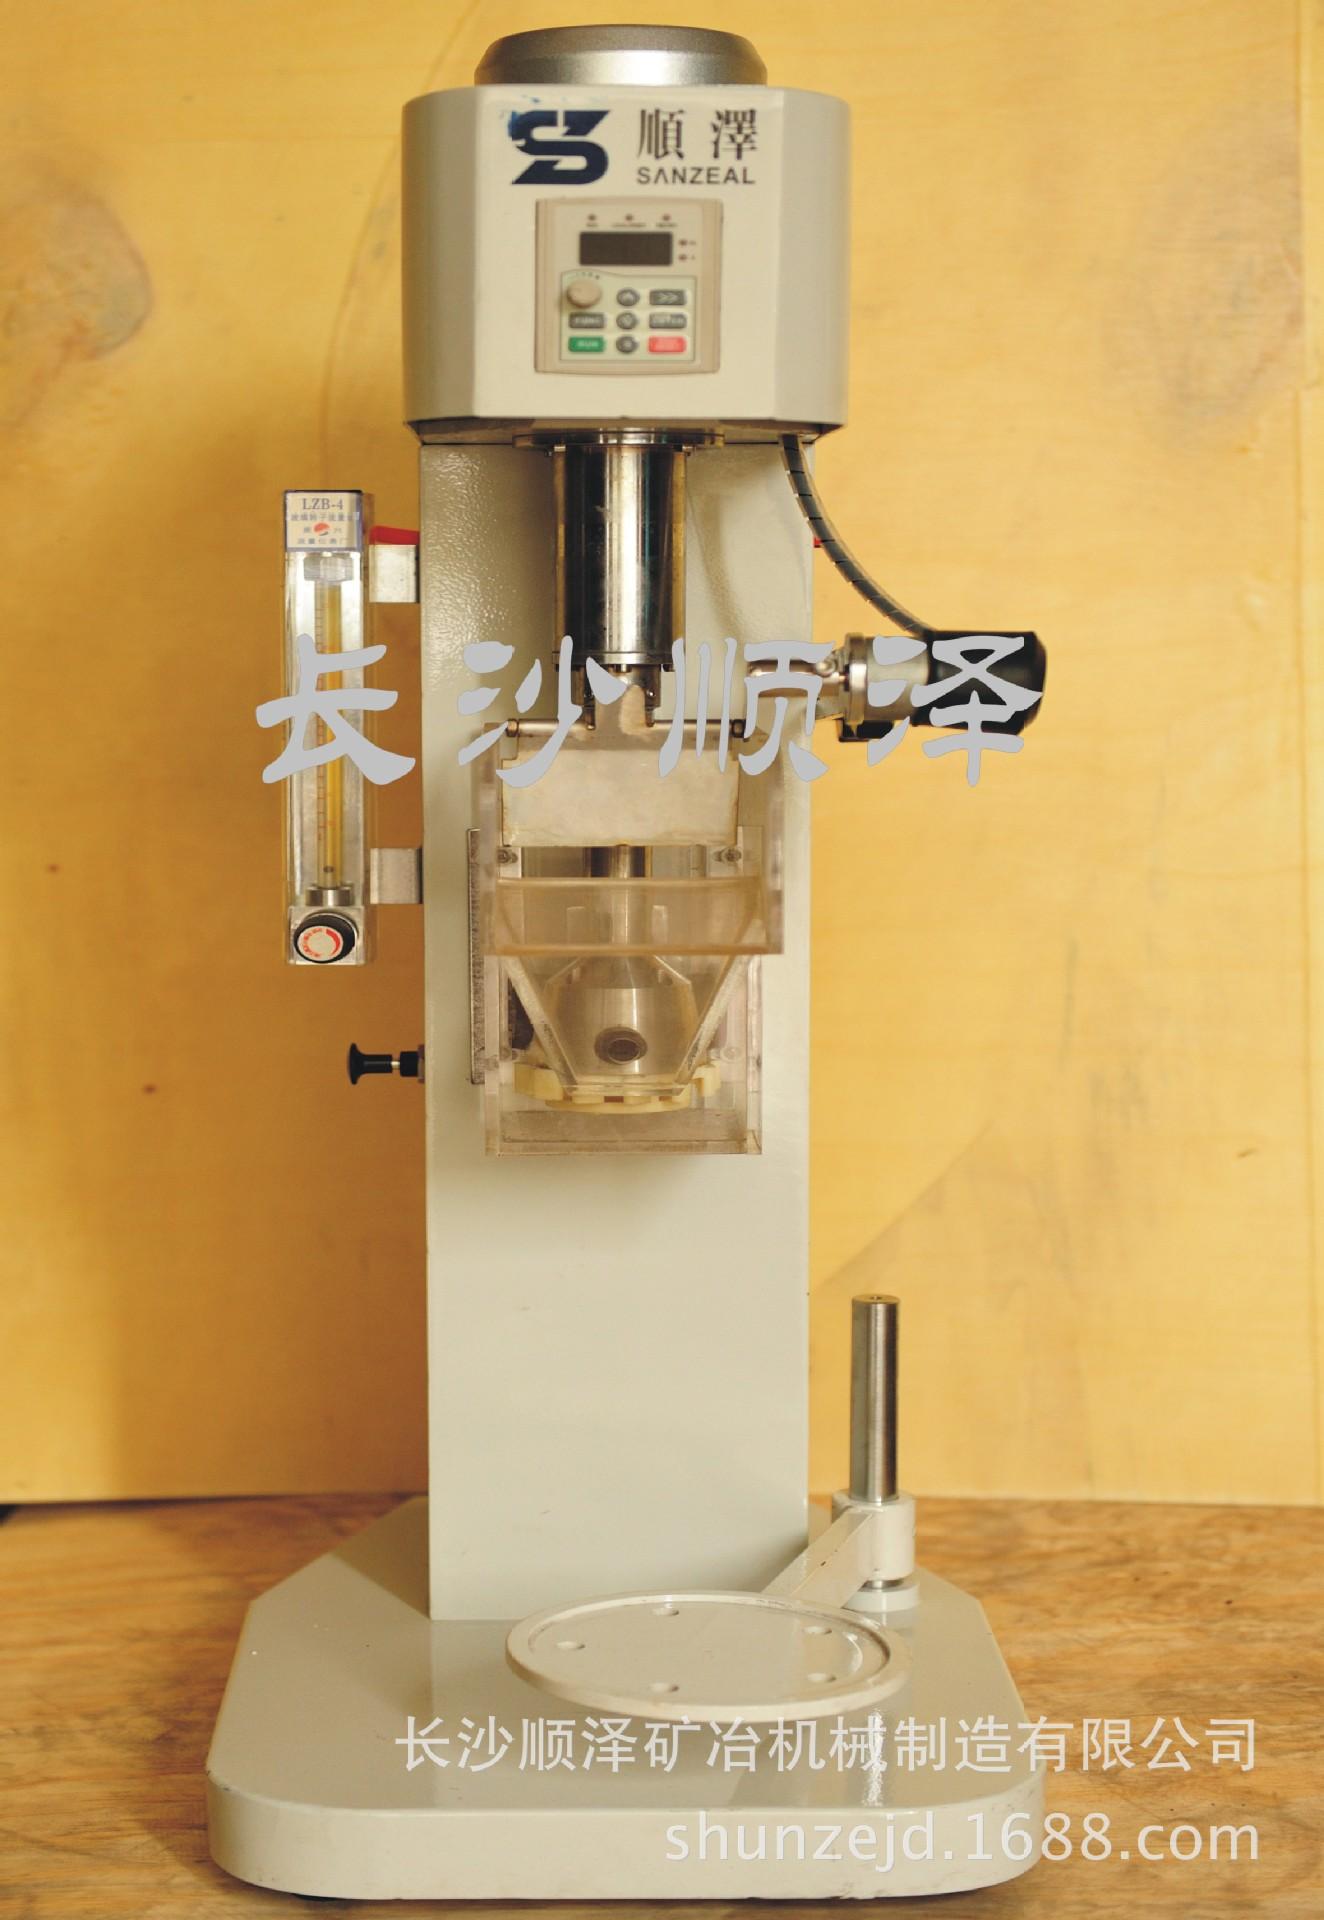 单槽浮选机 实验室XFD系列单槽浮选机 小型浮选机 试验选矿设备